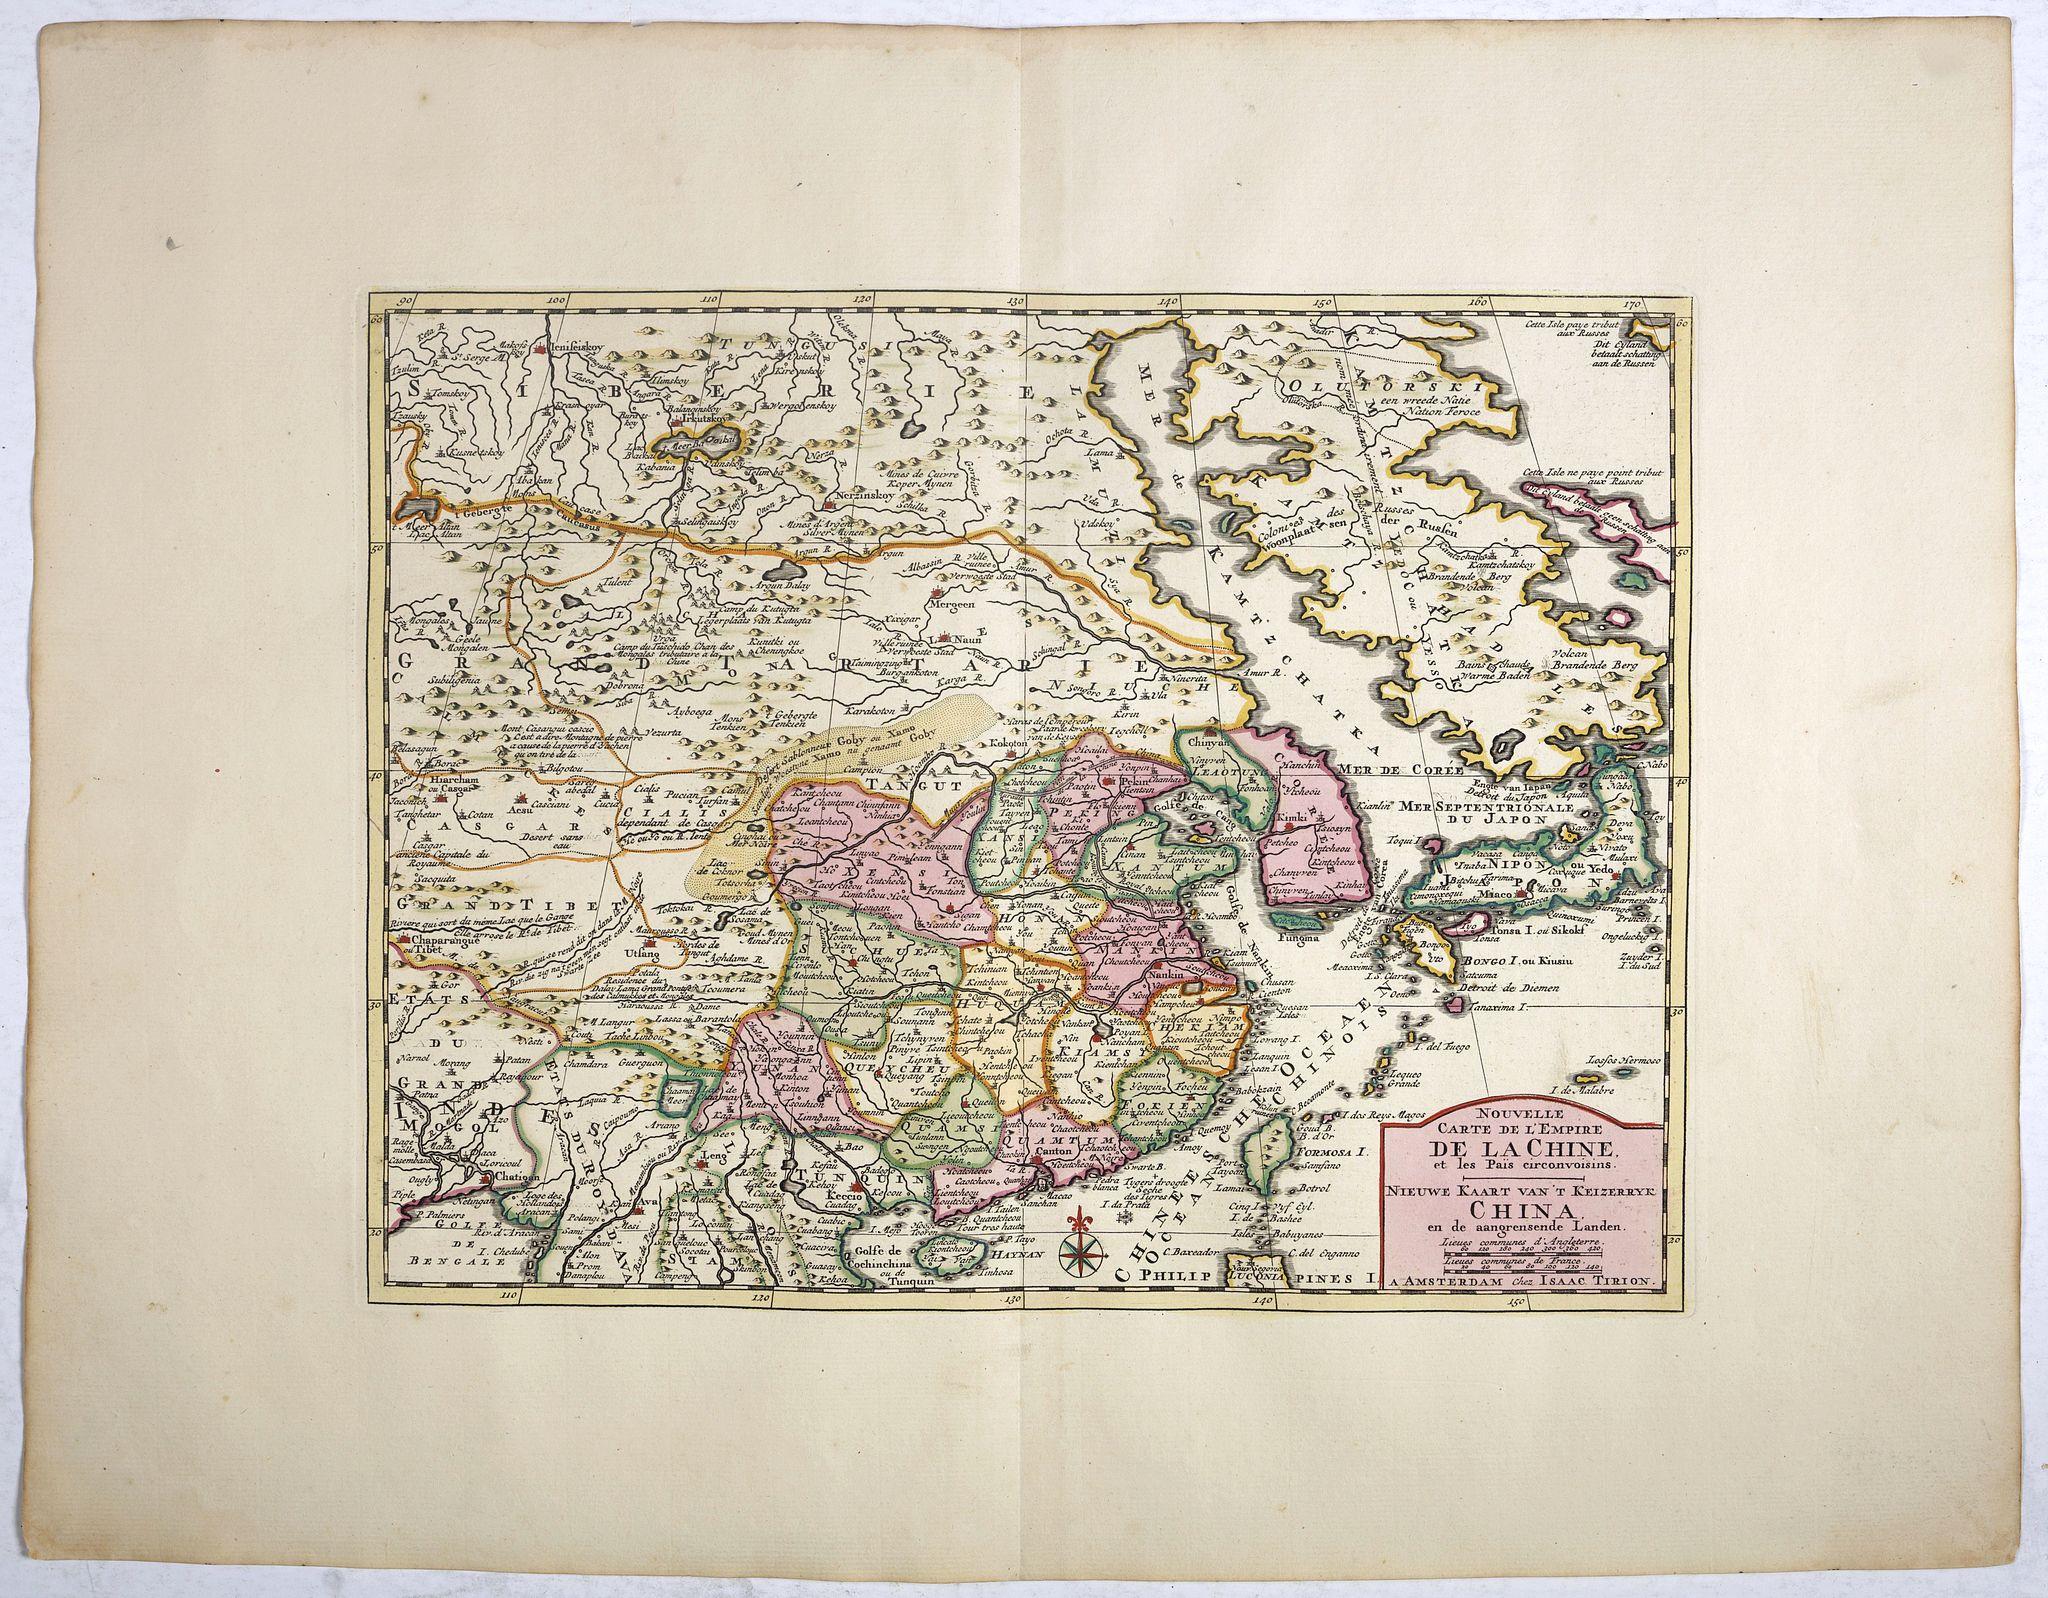 TIRION, I. -  Nouvelle Carte de L'Empire De La Chine et les Pais circonvoisins - Nieuwe Kaart van t Keizerryk China en de aangrensende Landen.